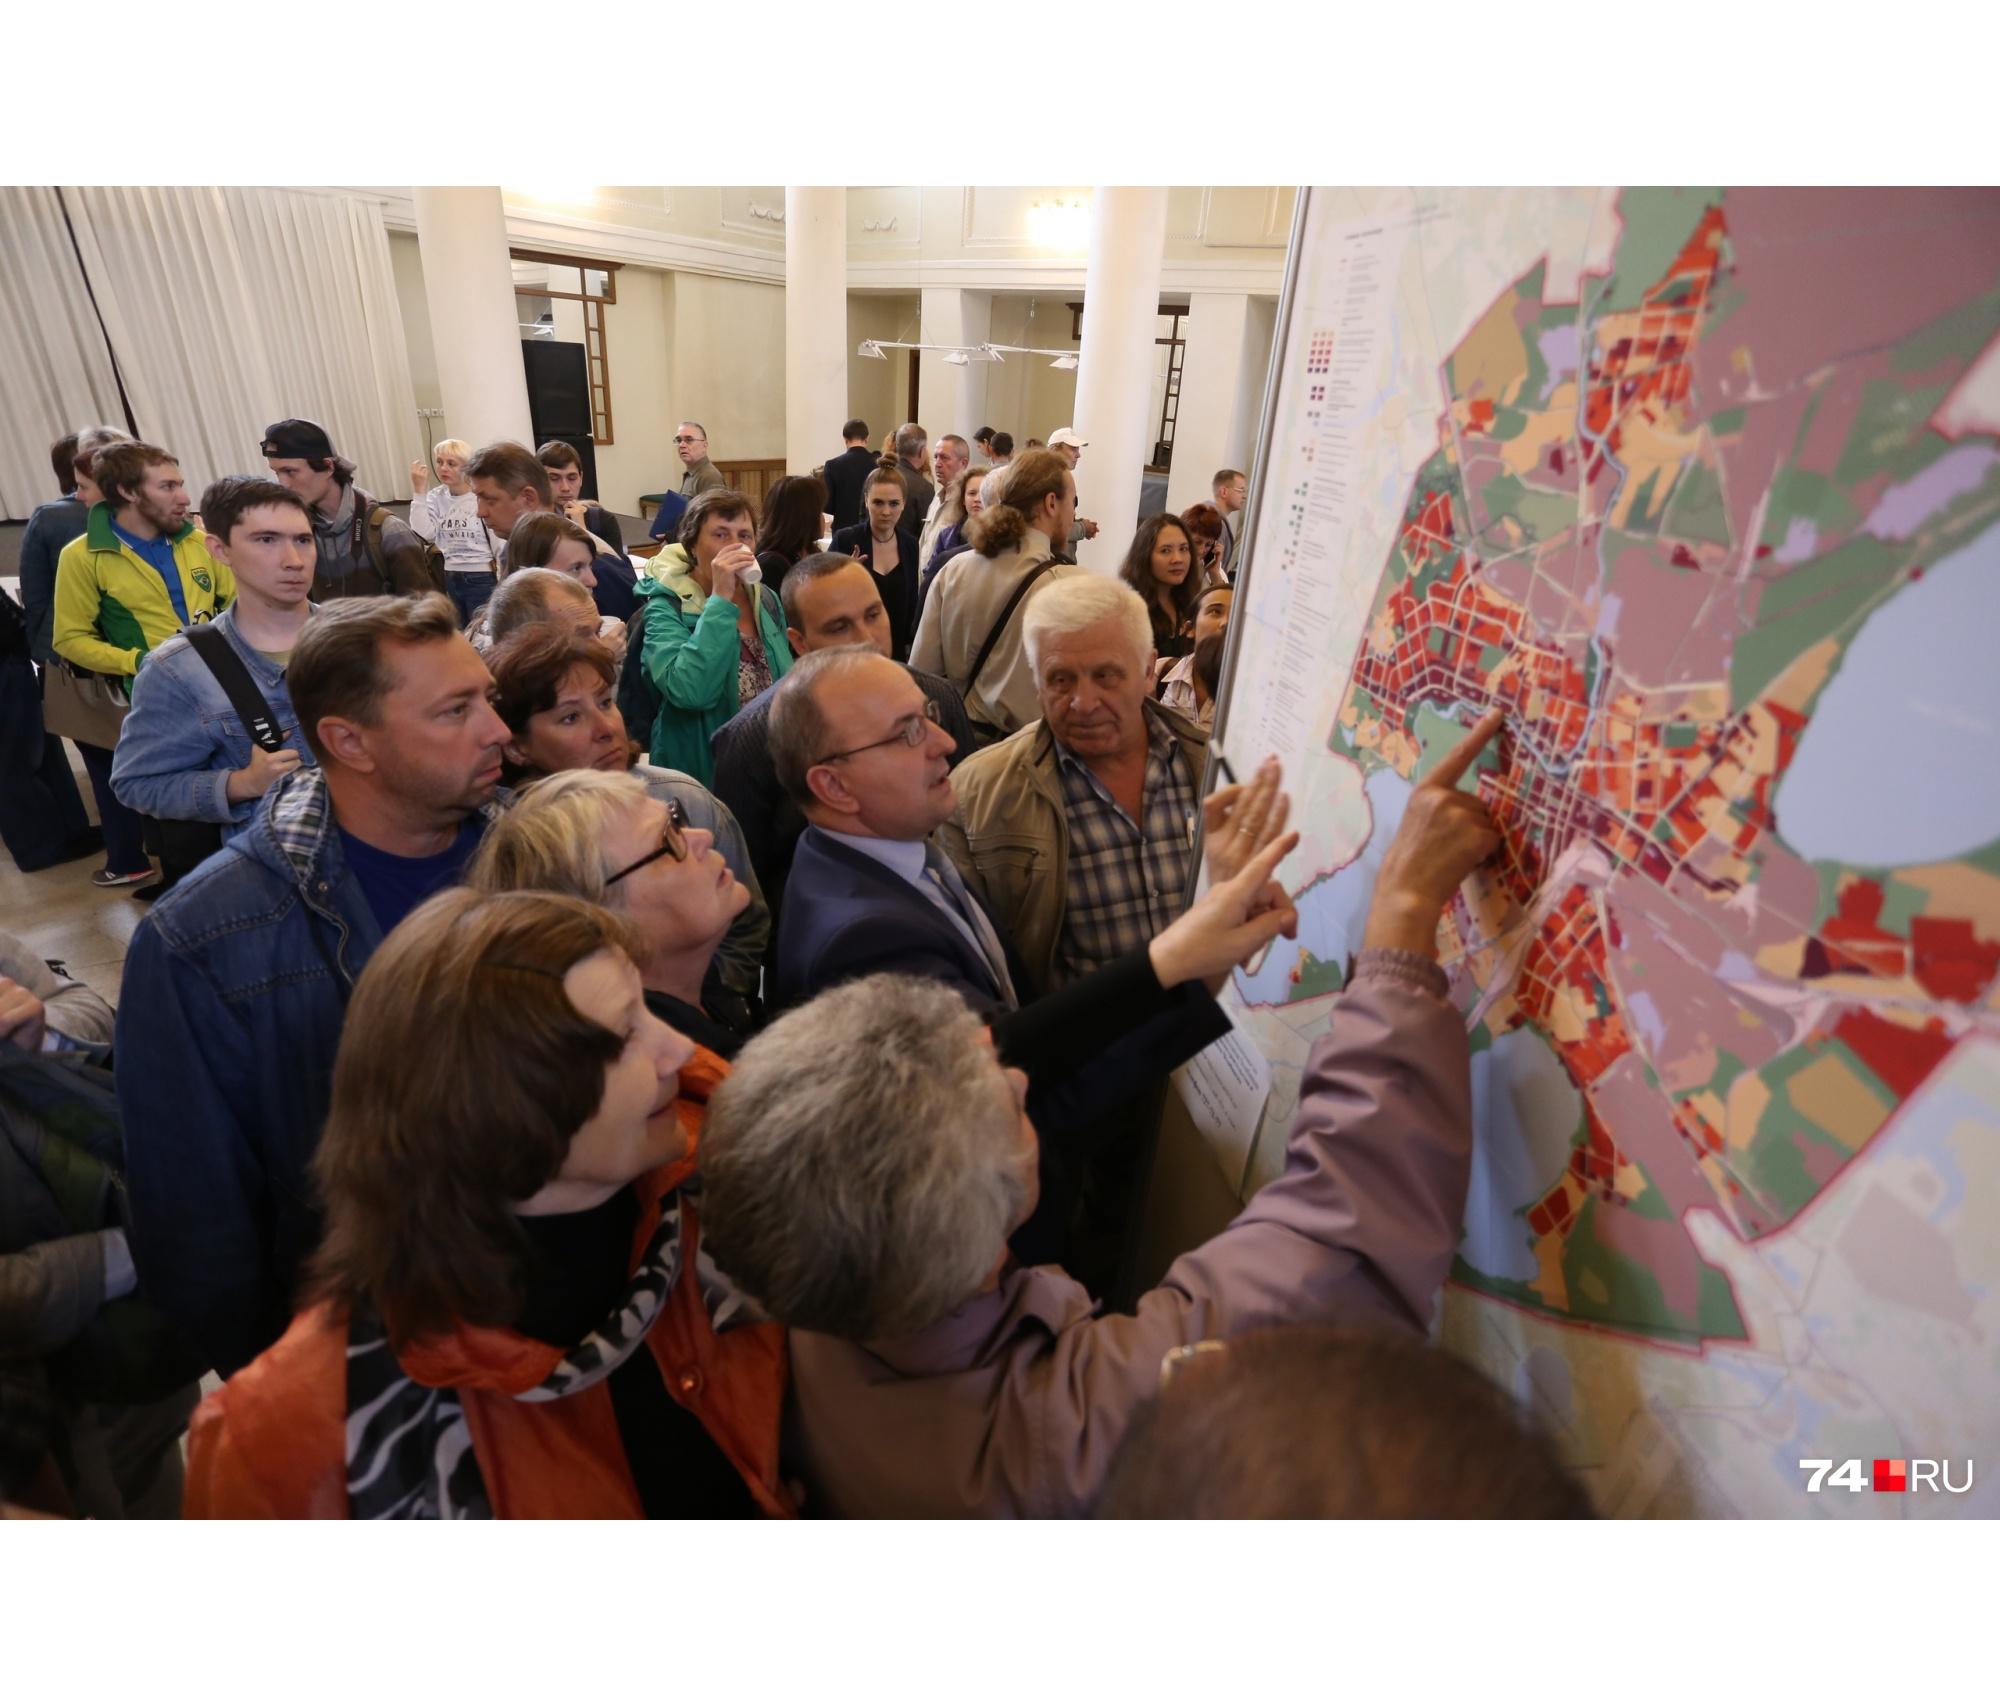 Вывешенные в фойе карты сразу вызвали большие вопросы у участников слушаний